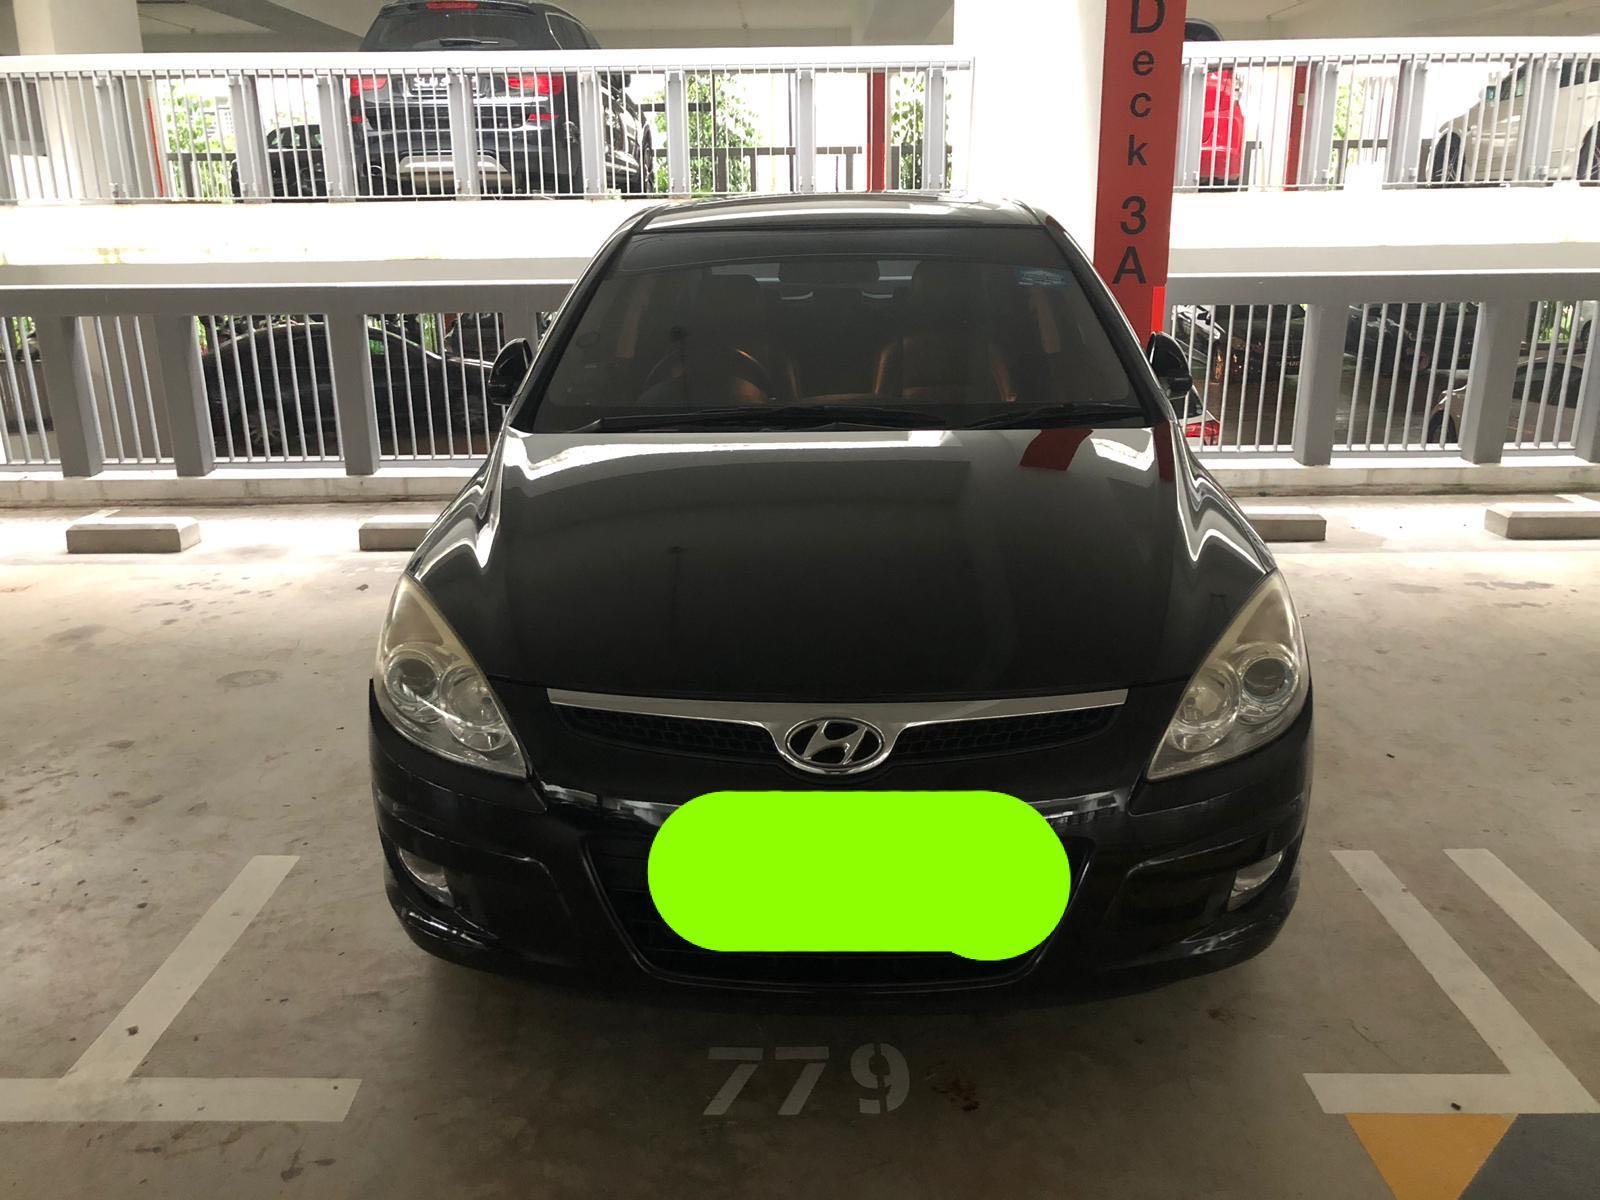 Hyundai i30 Grab Rental Hyundai i30 Gojek Rental Hyundai i30 Rental